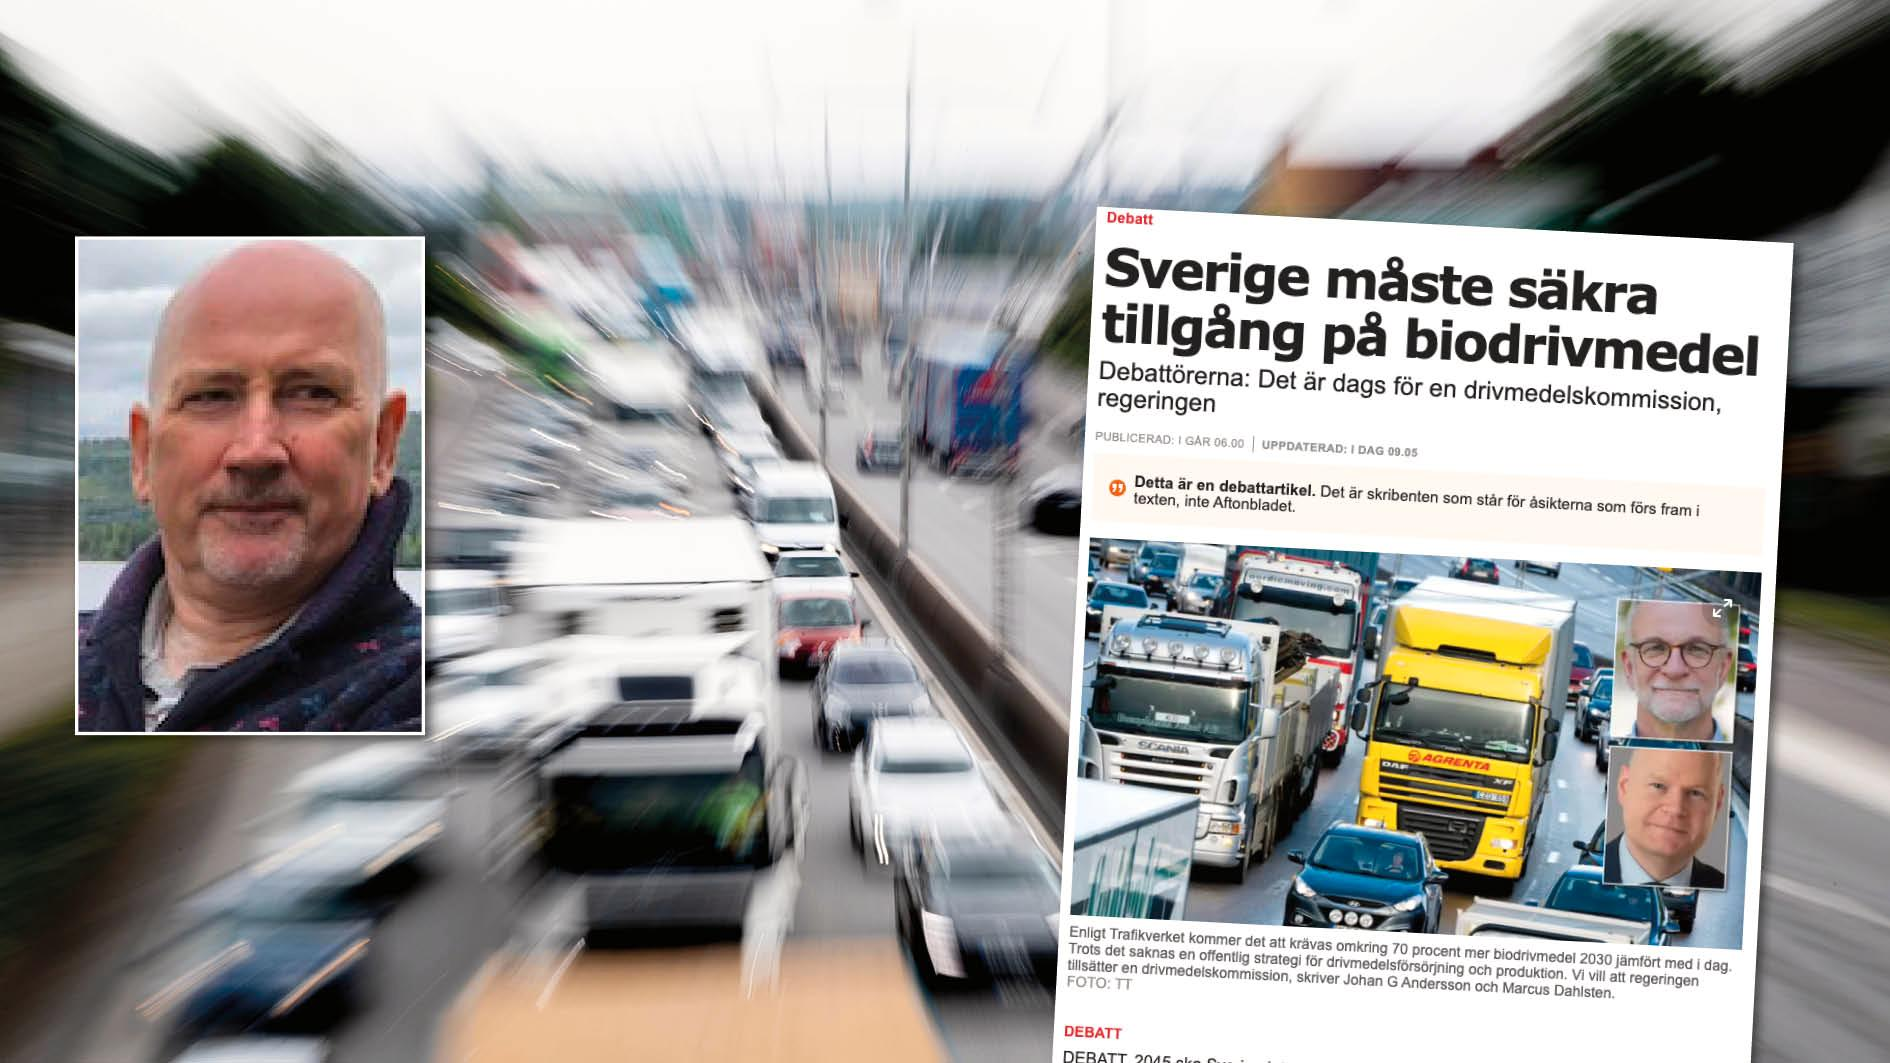 Att klimatkrisen kräver en minskad konsumtion och minskade transporter är grundläggande – men det faktumet har gått skribenterna förbi. Replik från Kjell Prytz, lektor i fysik.